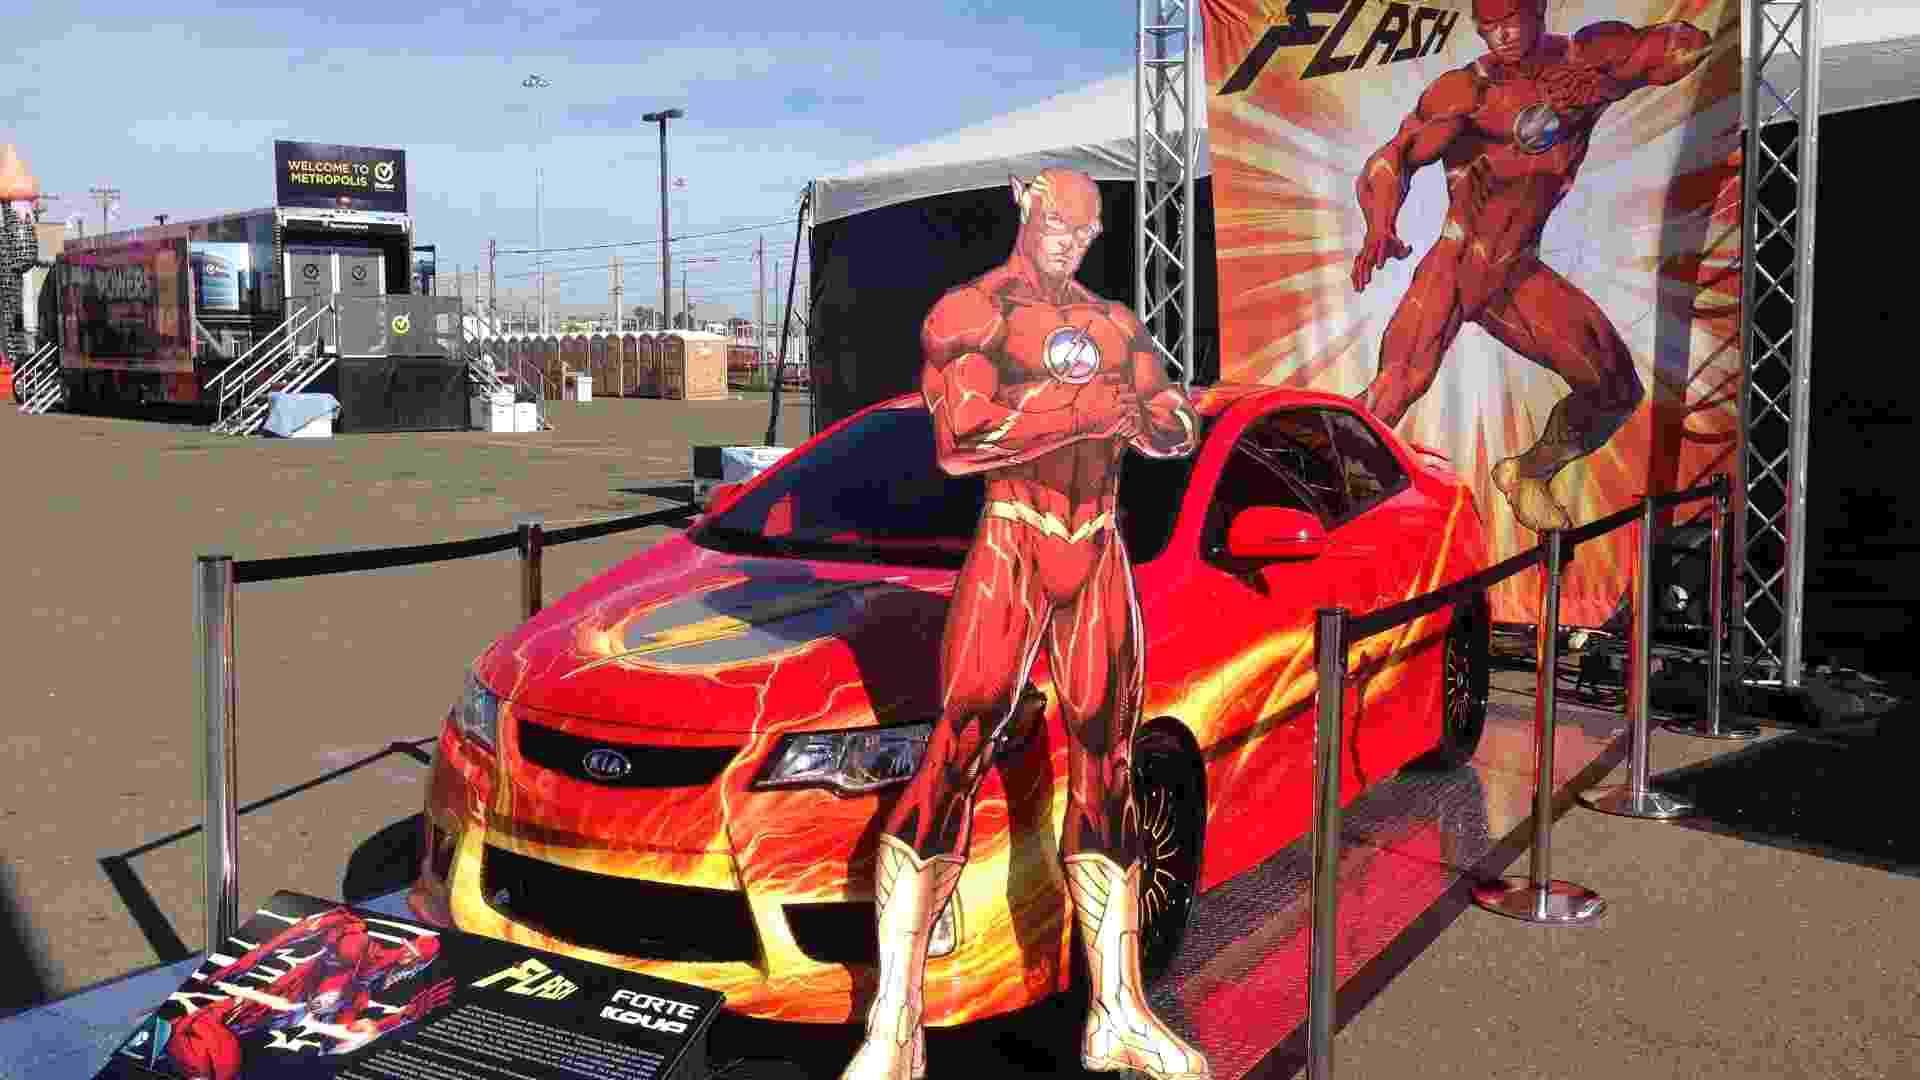 17.jul.2013 - Carro inspirado em Flash, super-herói da Liga da Justiça, é exposto nos arredores do Centro de Convenções de San Diego, onde acontece a Comic-Con 2013 - Natalia Engler/UOL